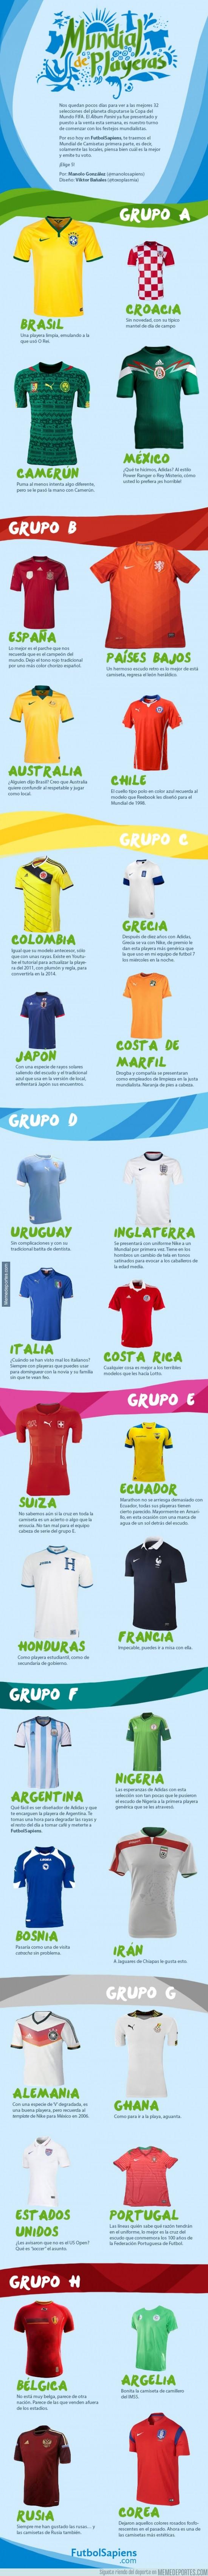 297789 - Si tuvieras que ponerte una camiseta de las del Mundial ¿Cuál sería?